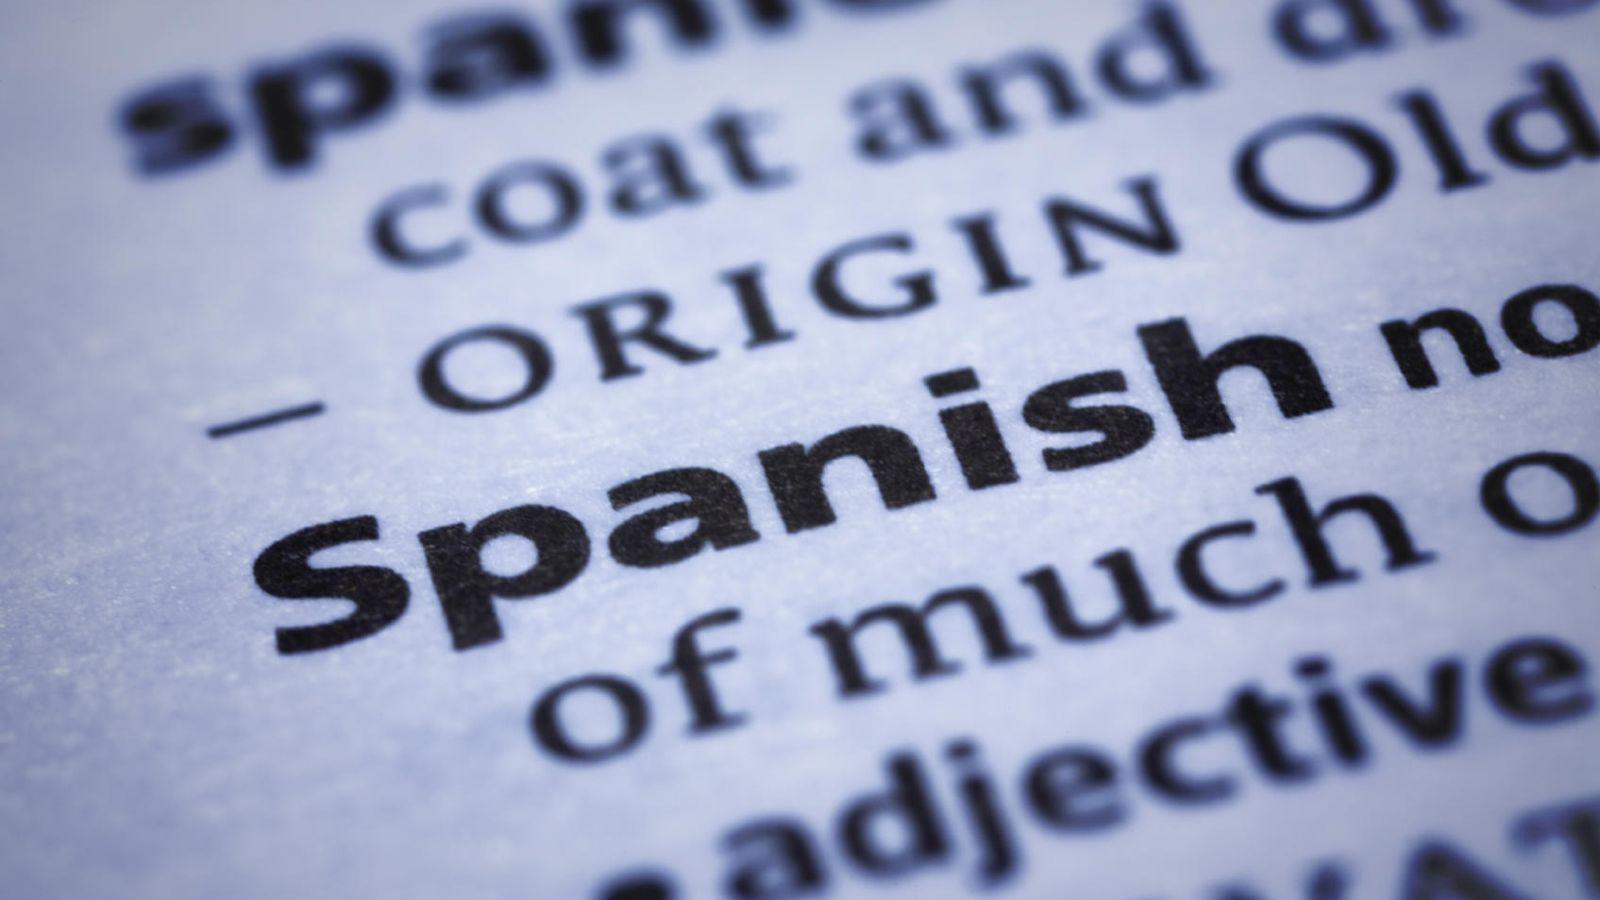 """Foto: Los autores recuerdan que internacionalmente, para nombrar a nuestro idioma se suele emplear el equivalente a """"español"""". (iStock)"""